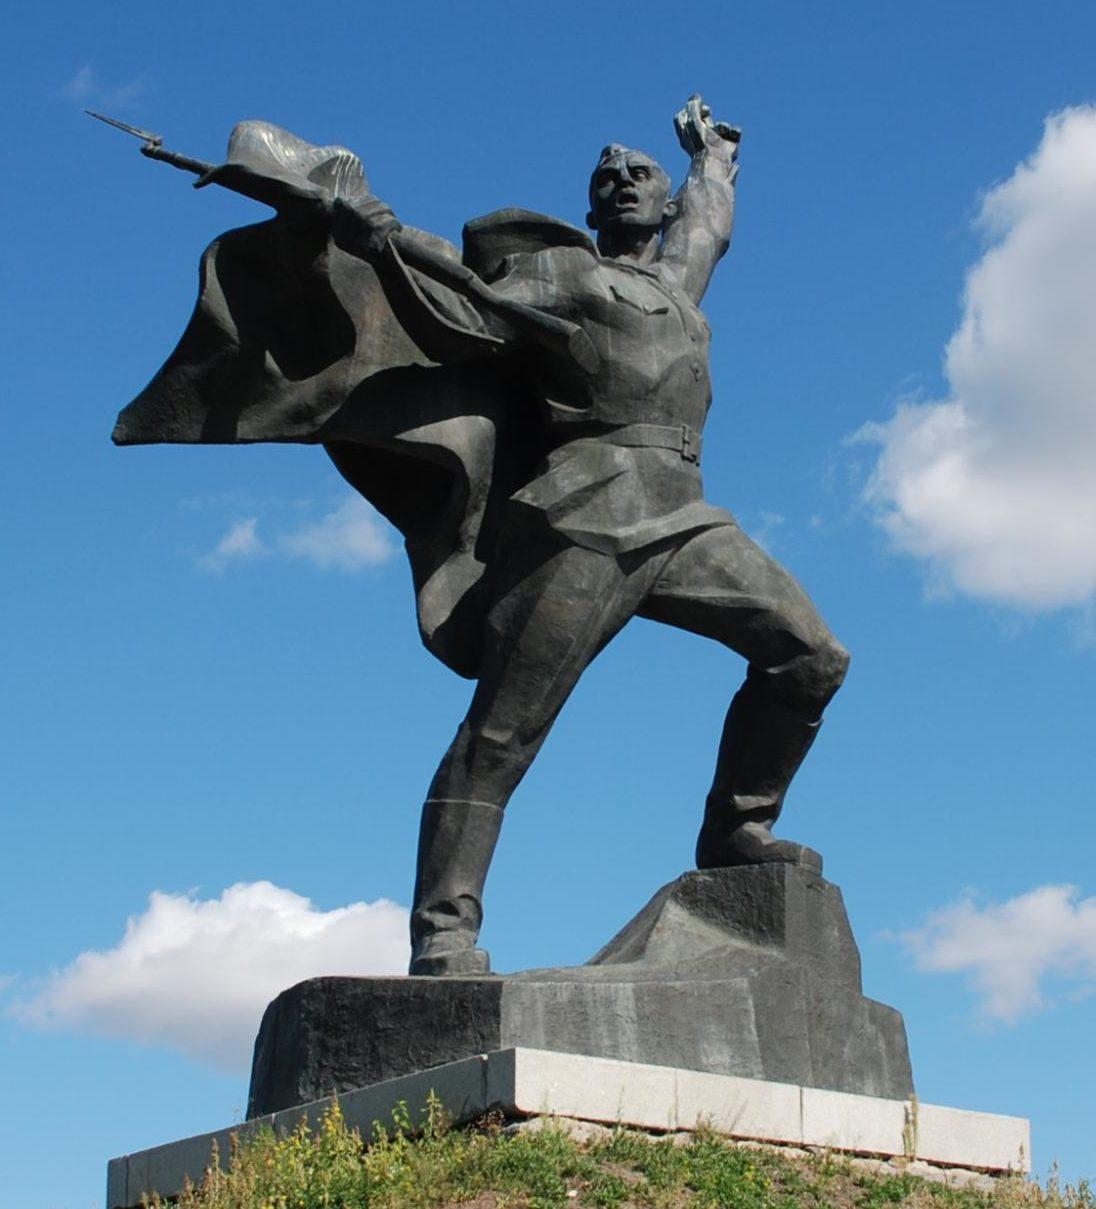 Скульптура солдата на мемориале.